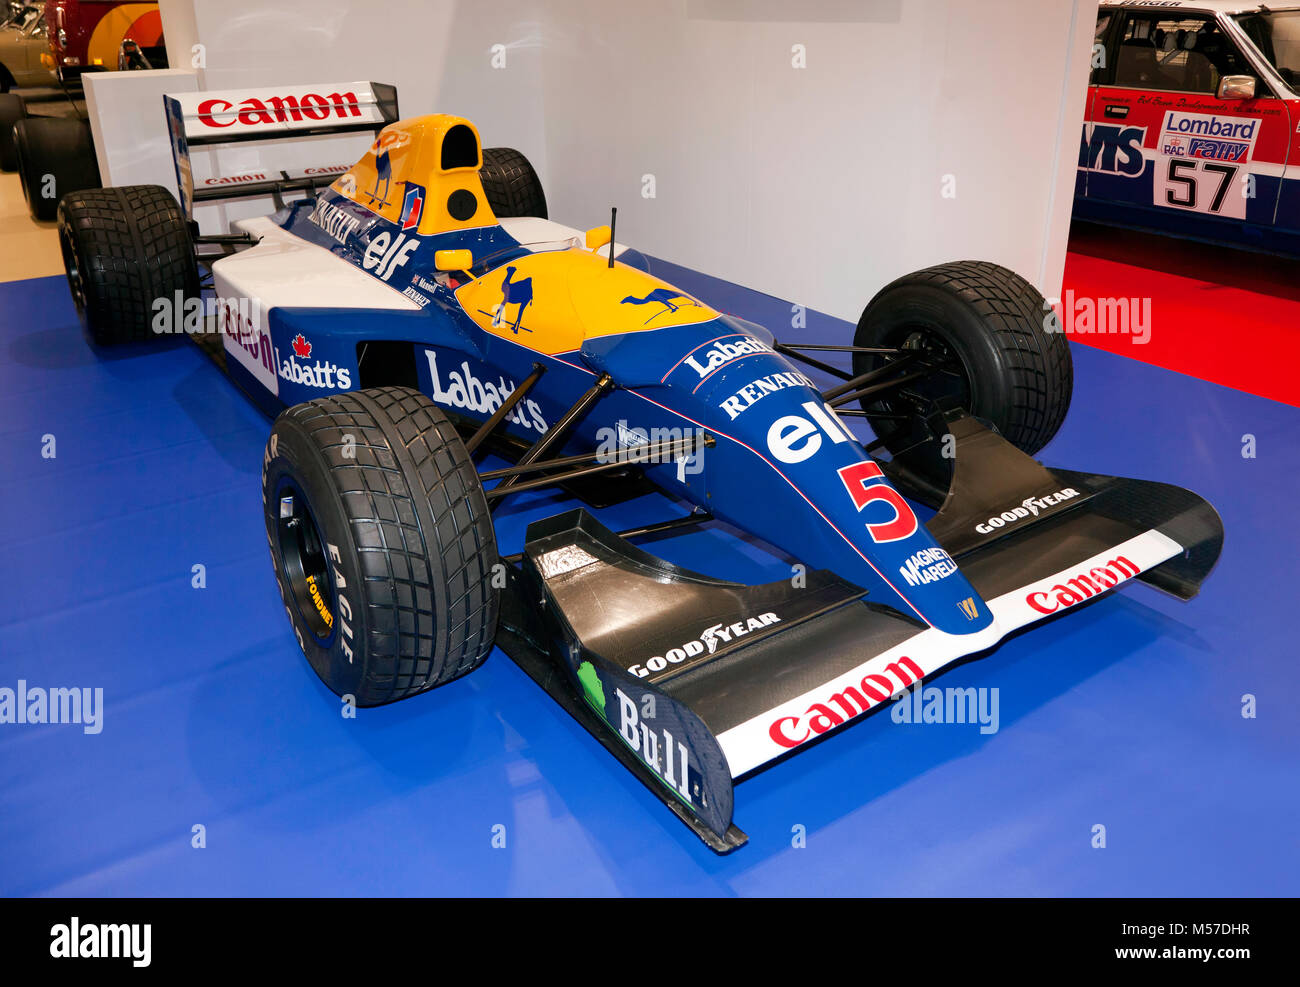 Nigel Mansell's 1992 Williams FW14B de Formule 1 dans lequel il a remporté le Championnat des pilotes, à l'affiche au Salon de voitures Londres 2018 Banque D'Images